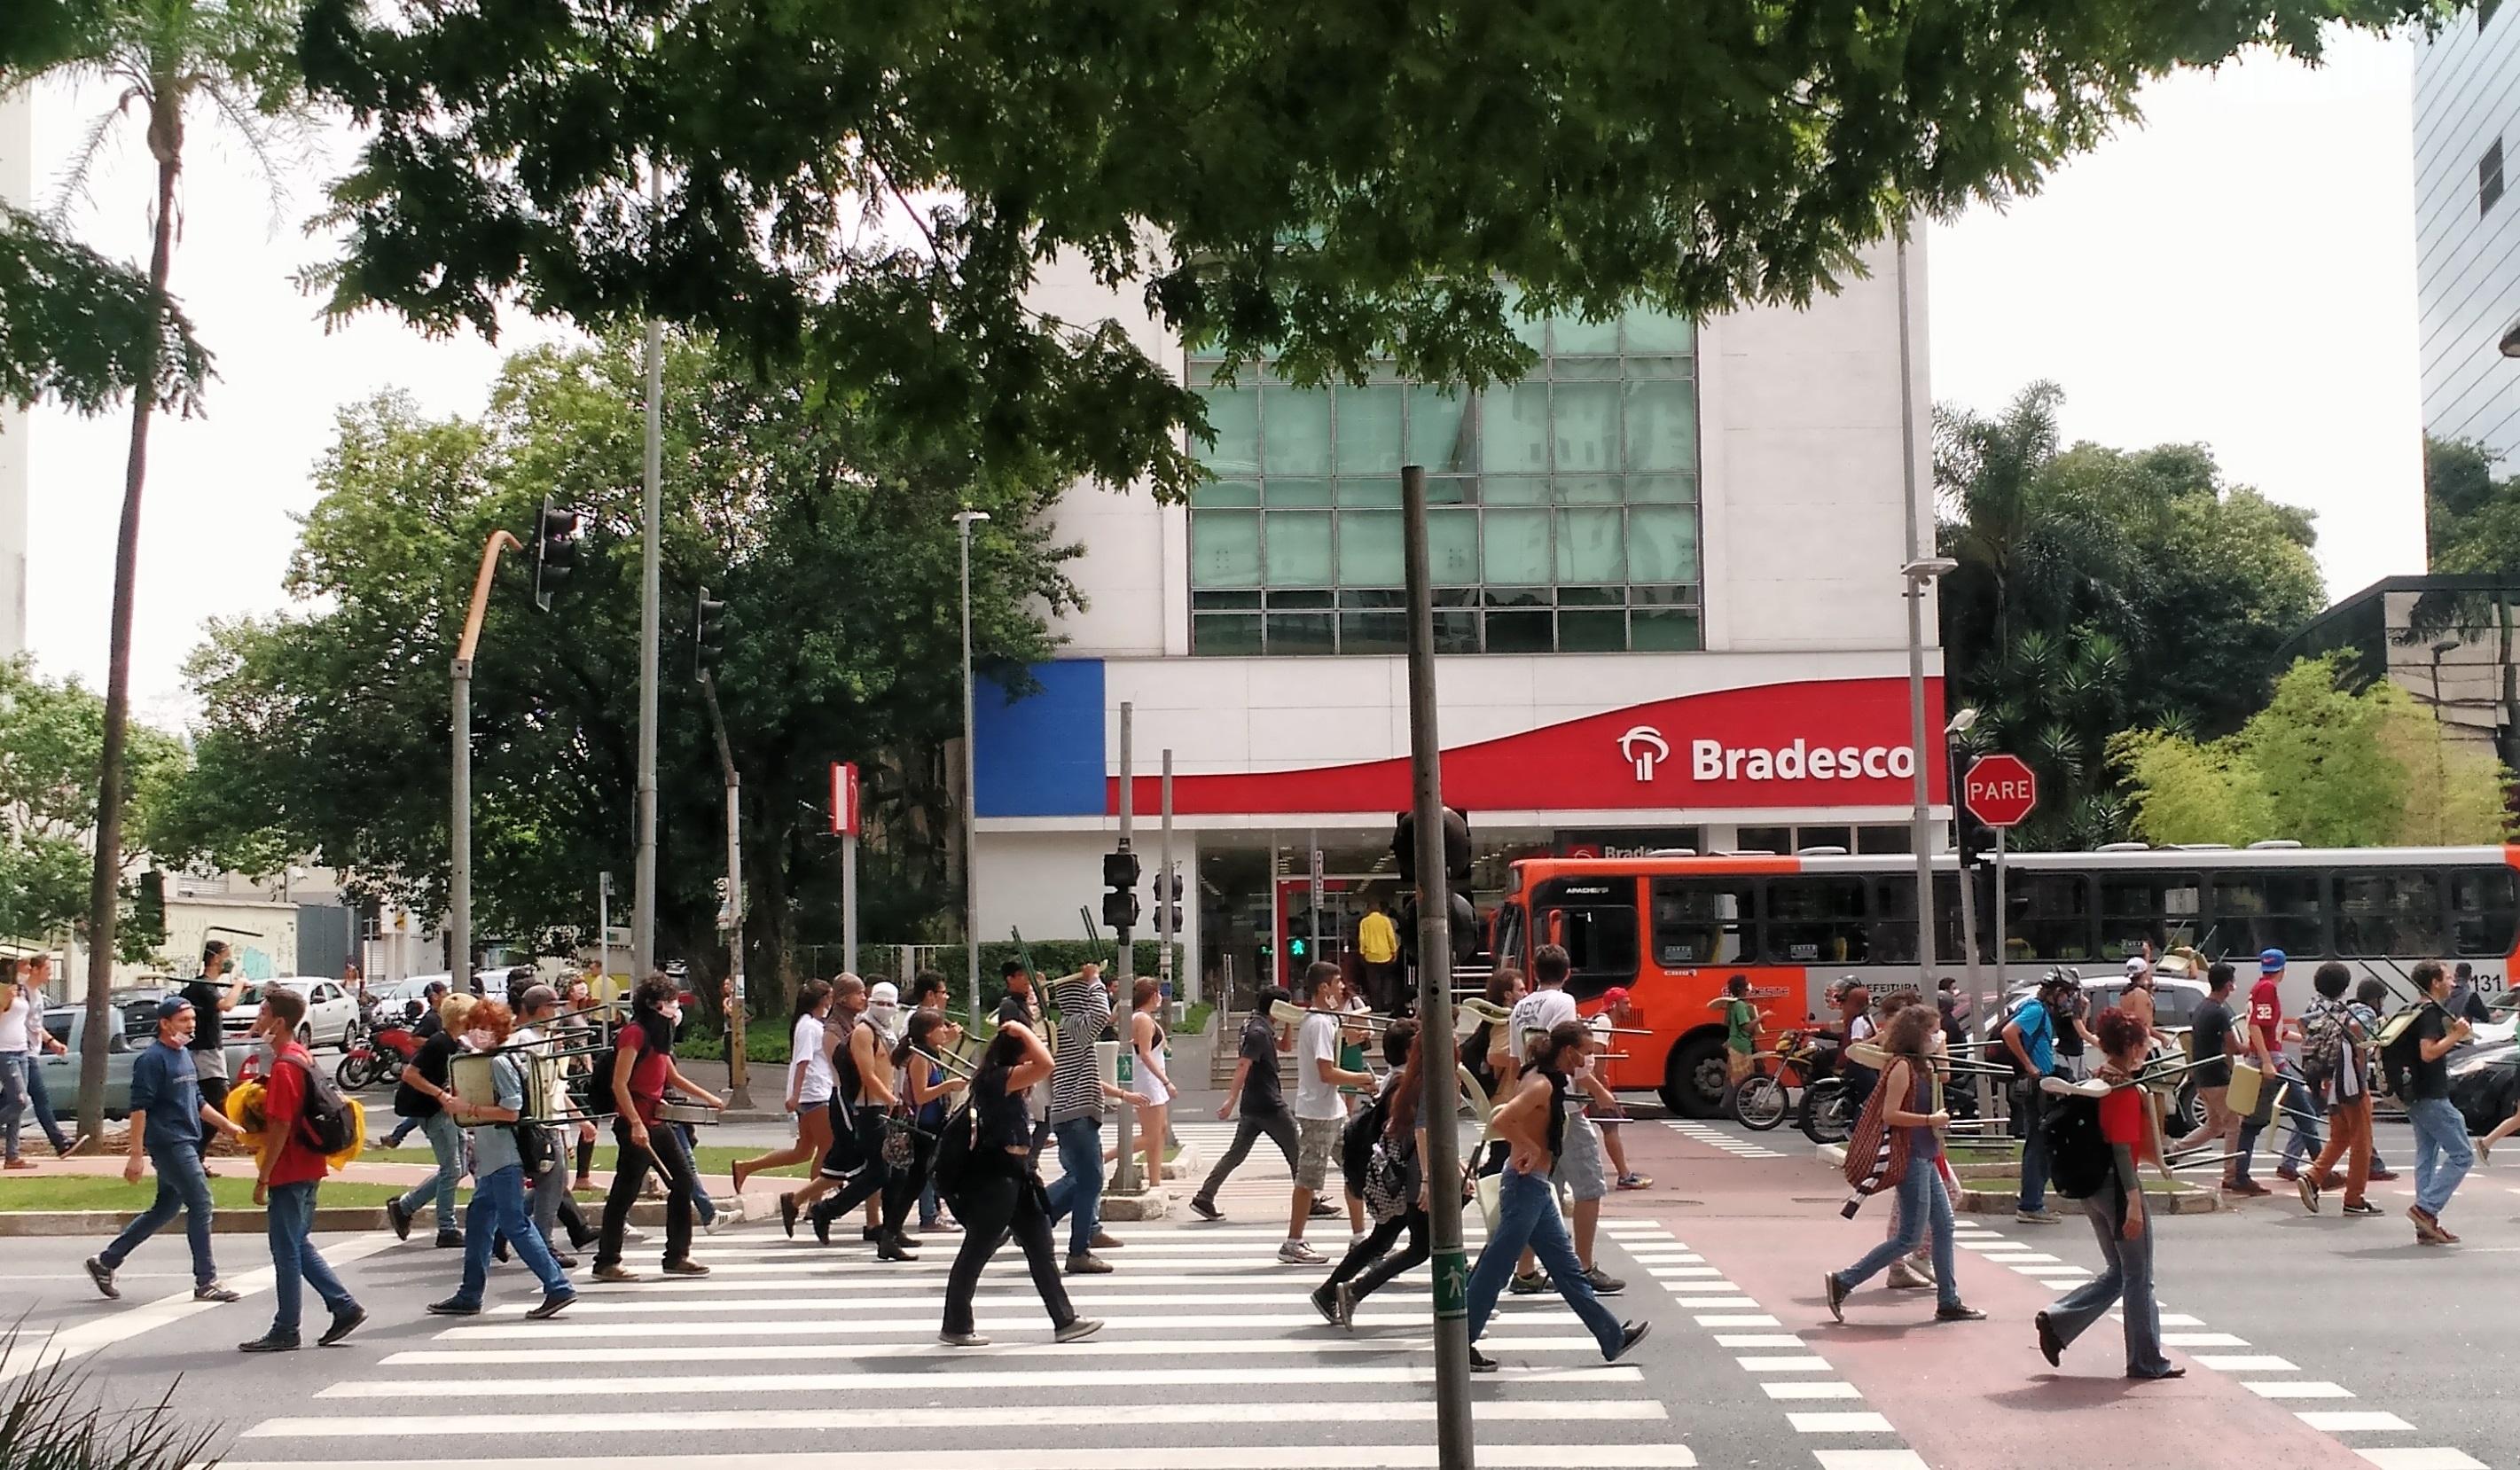 Estudantes em manifestação contra a reforma escolar na av. Brigadeiro Faria Lima (Camila Montagner/Outra Cidade)